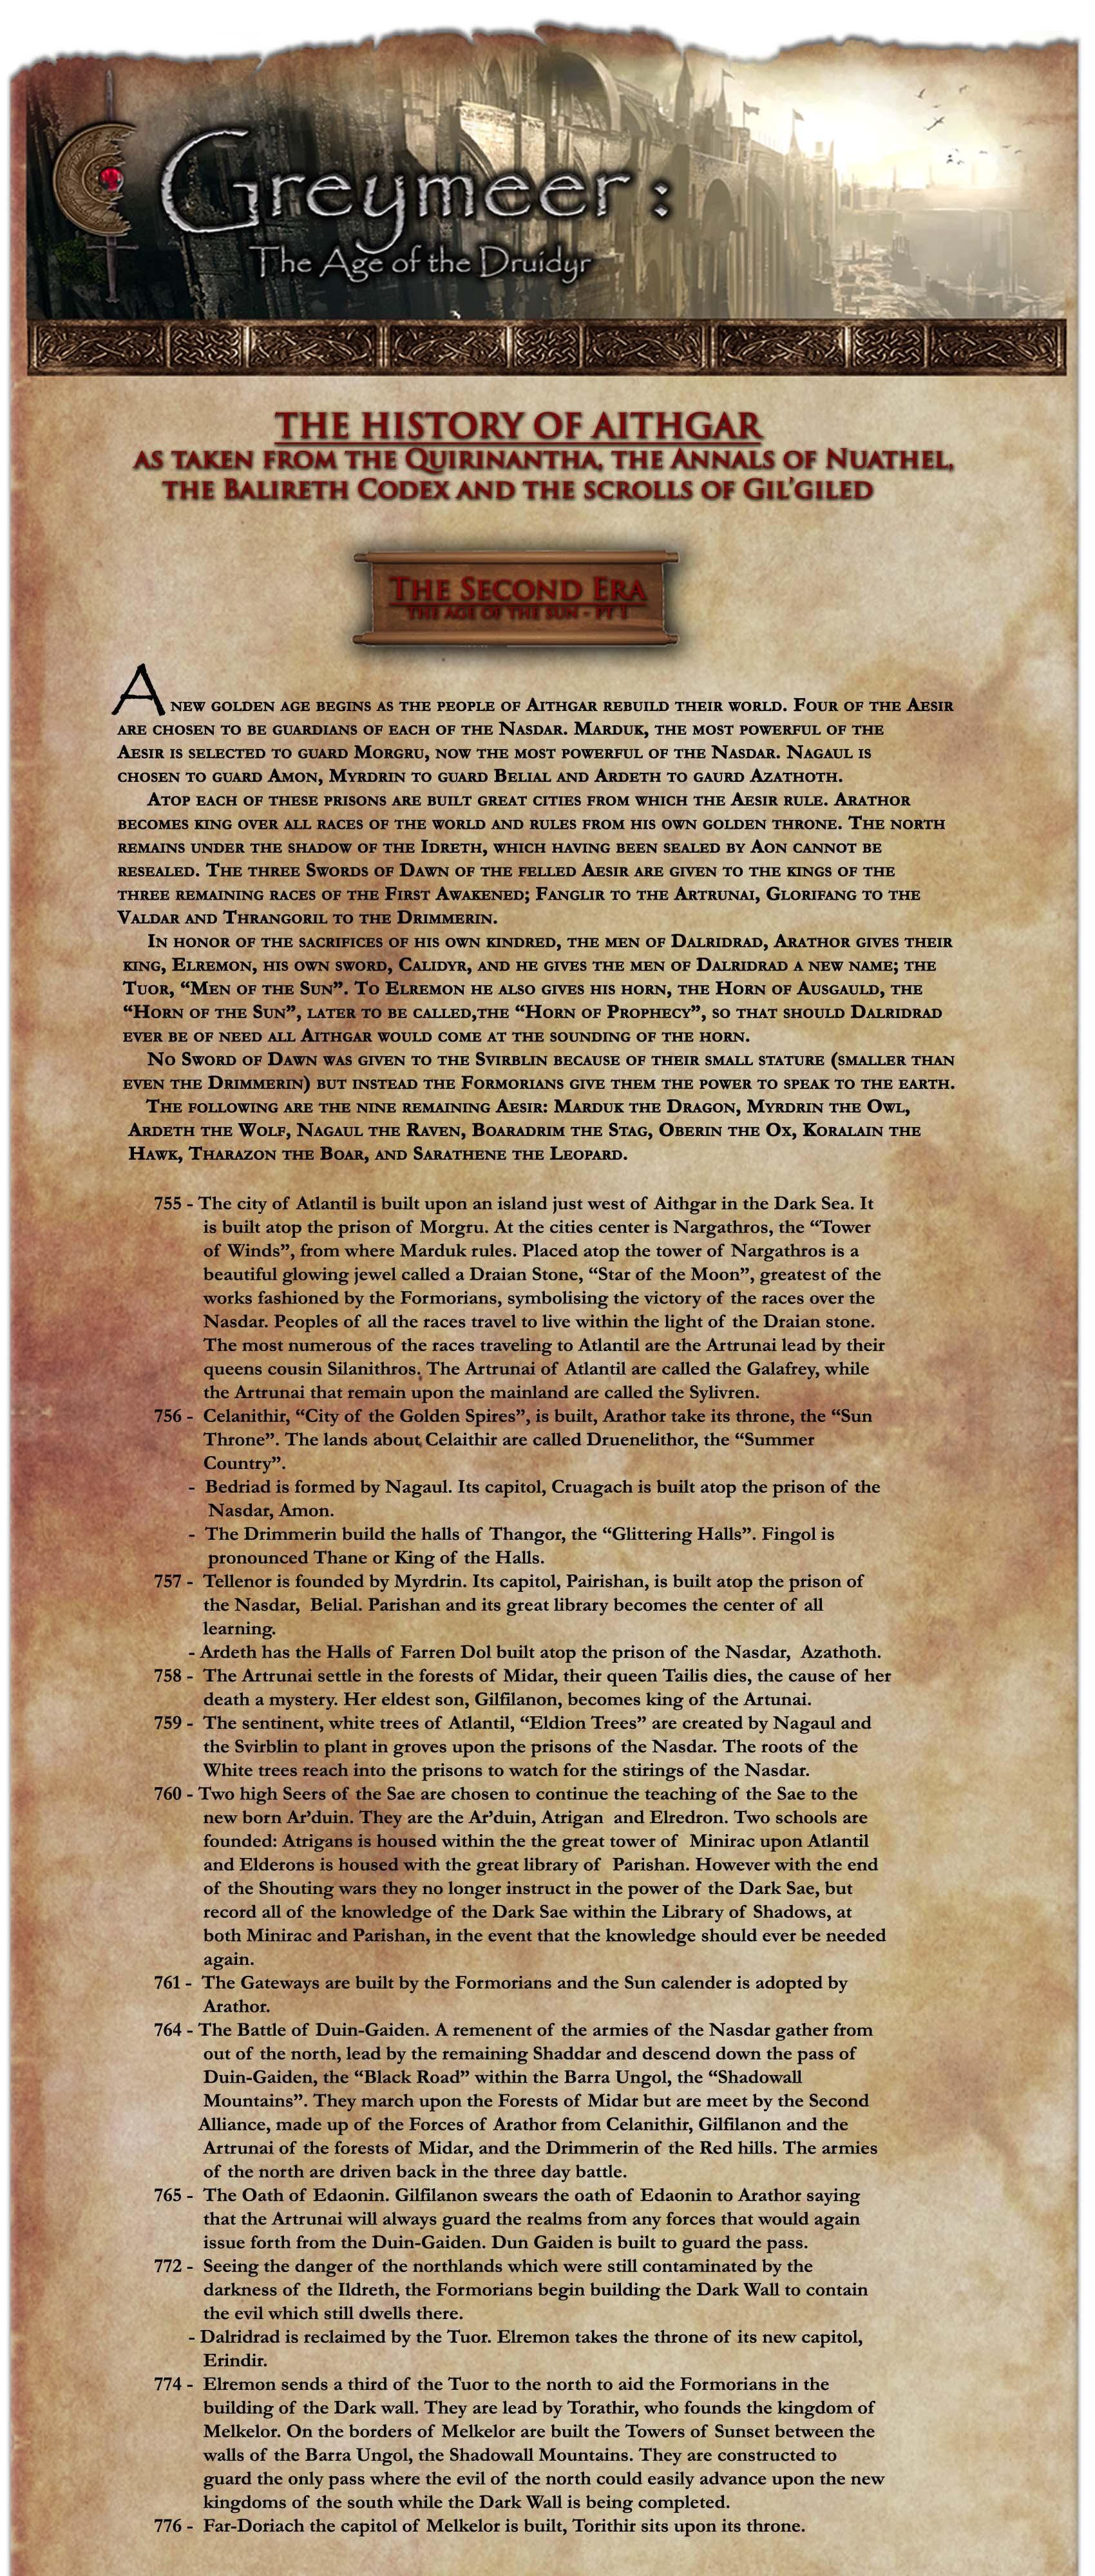 Op   history   the second era   pt 1 copy